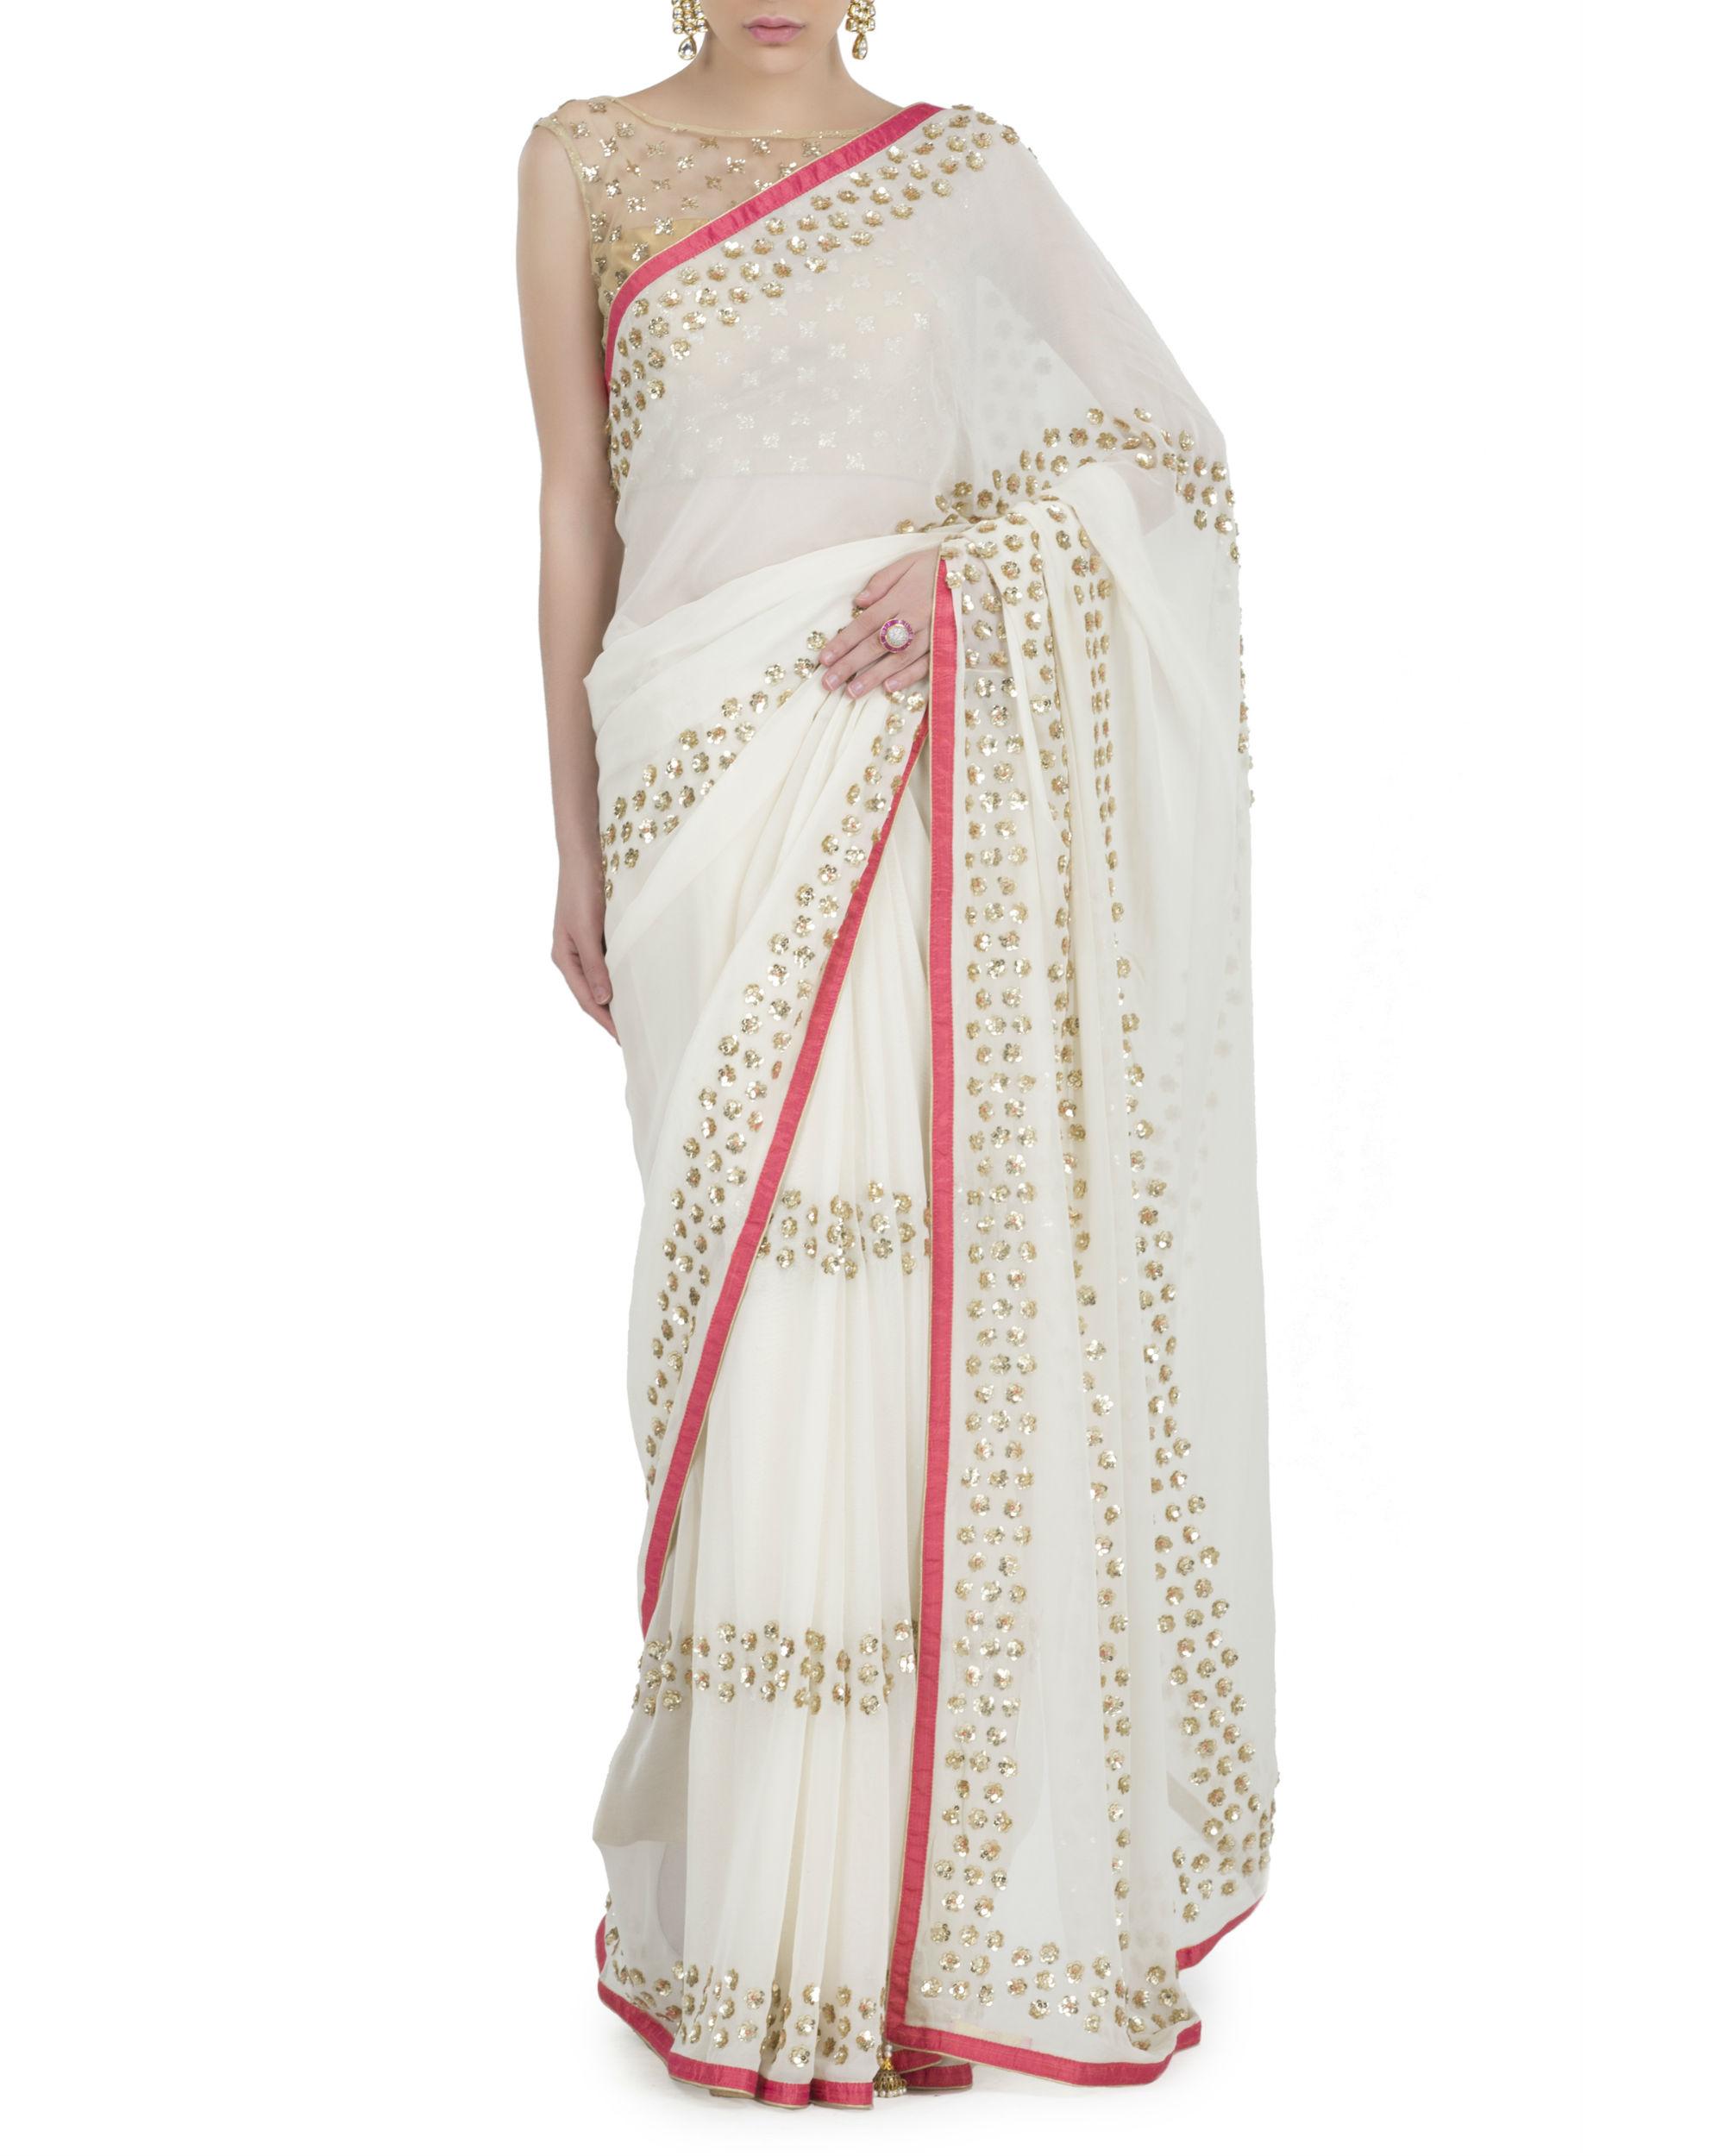 Ivory serenity sari